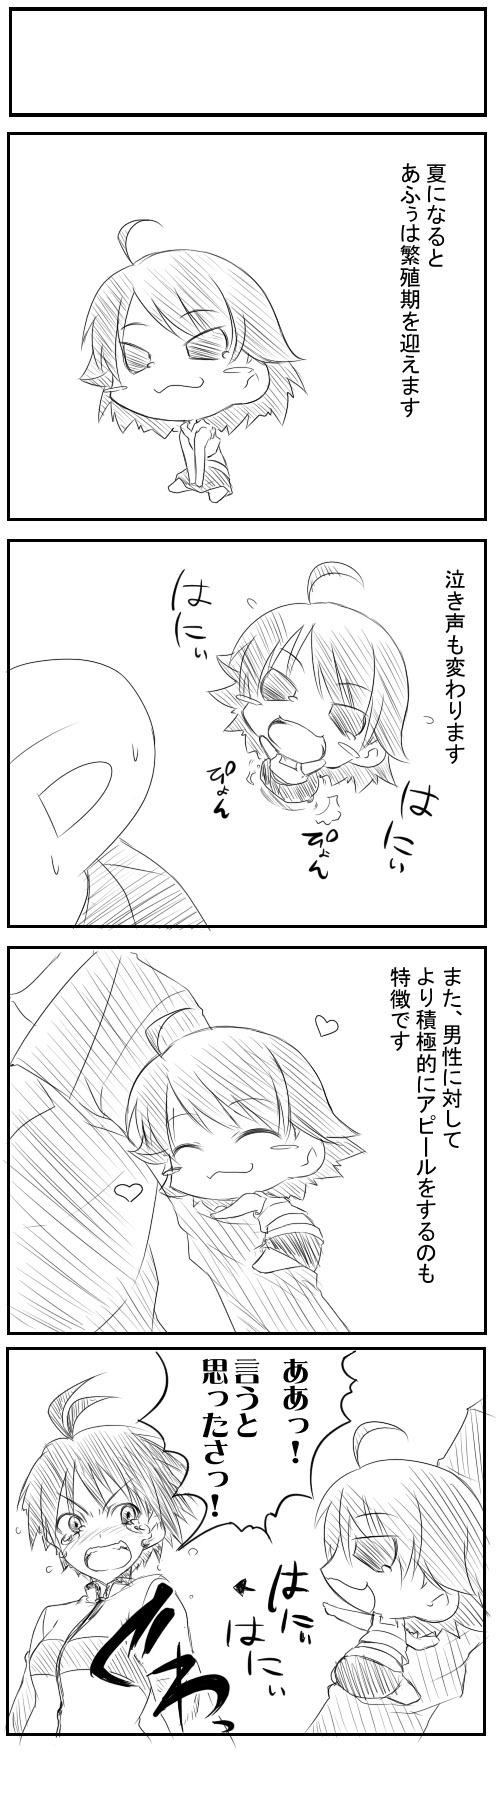 idol_20.jpg